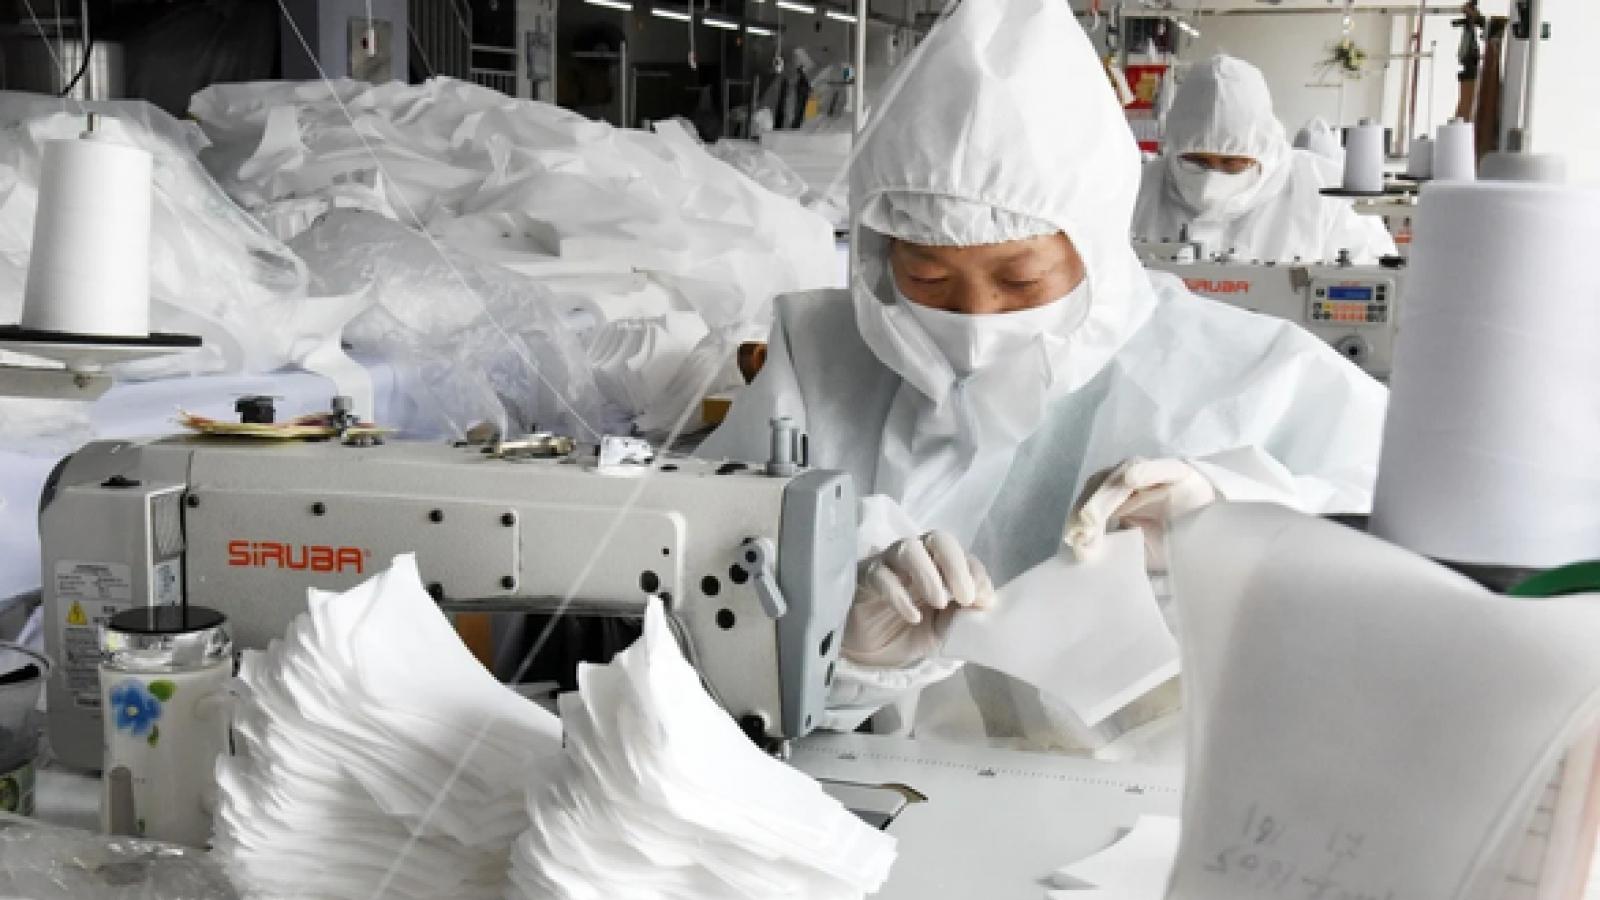 Mỹ kêu gọi Trung Quốc sửa đổi quy định xuất khẩu thiết bị y tế